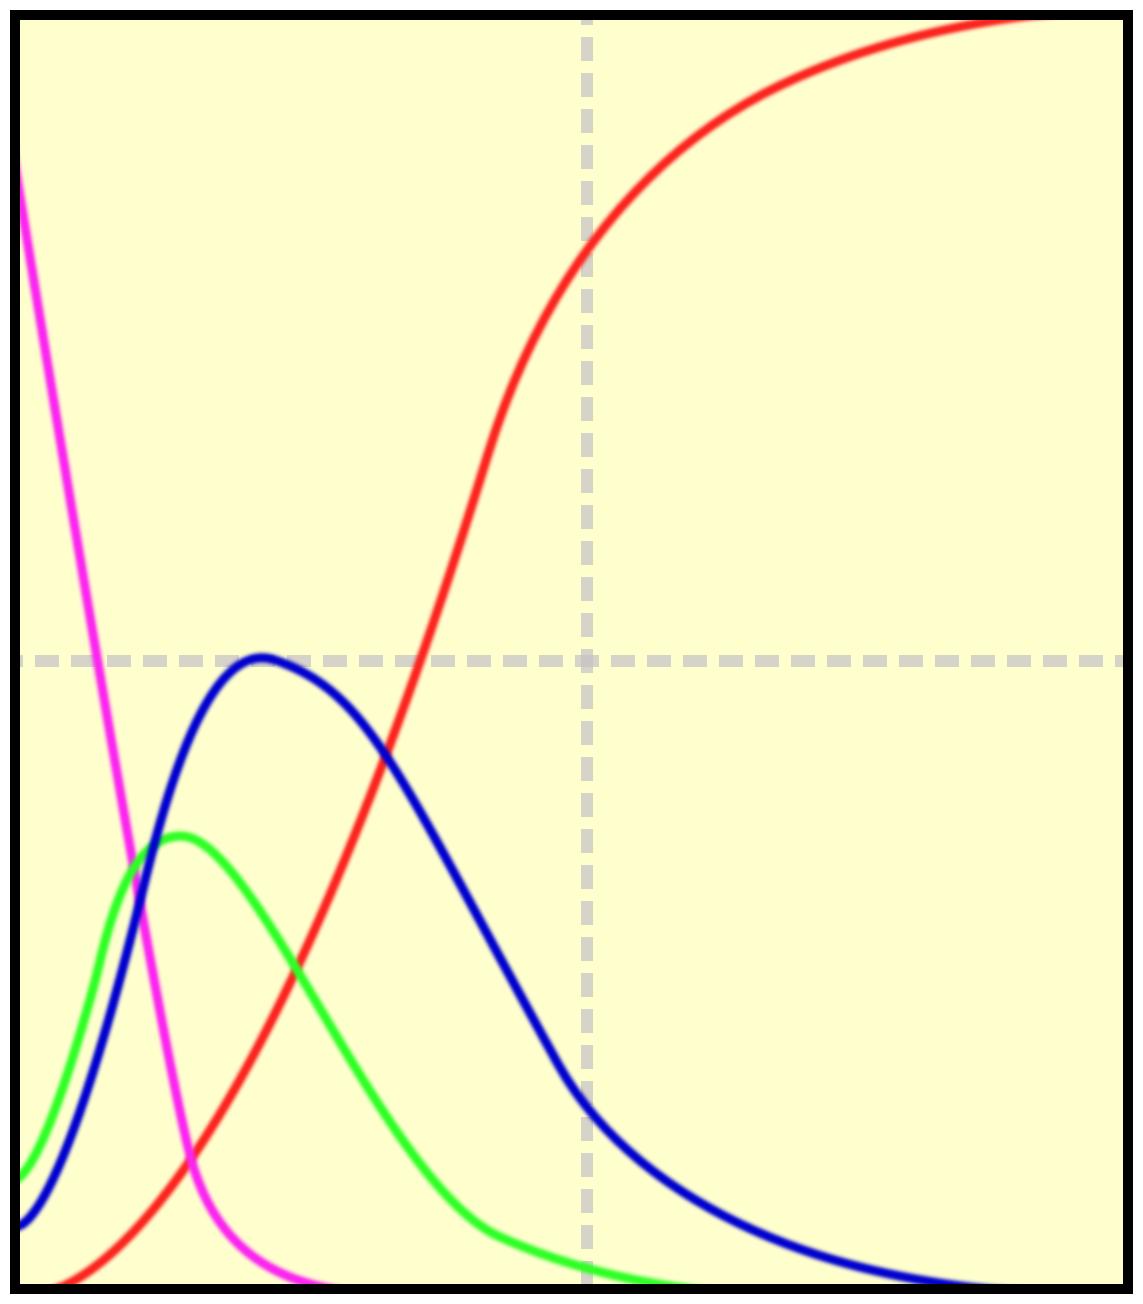 Curve caratteristiche di una domanda adeguata